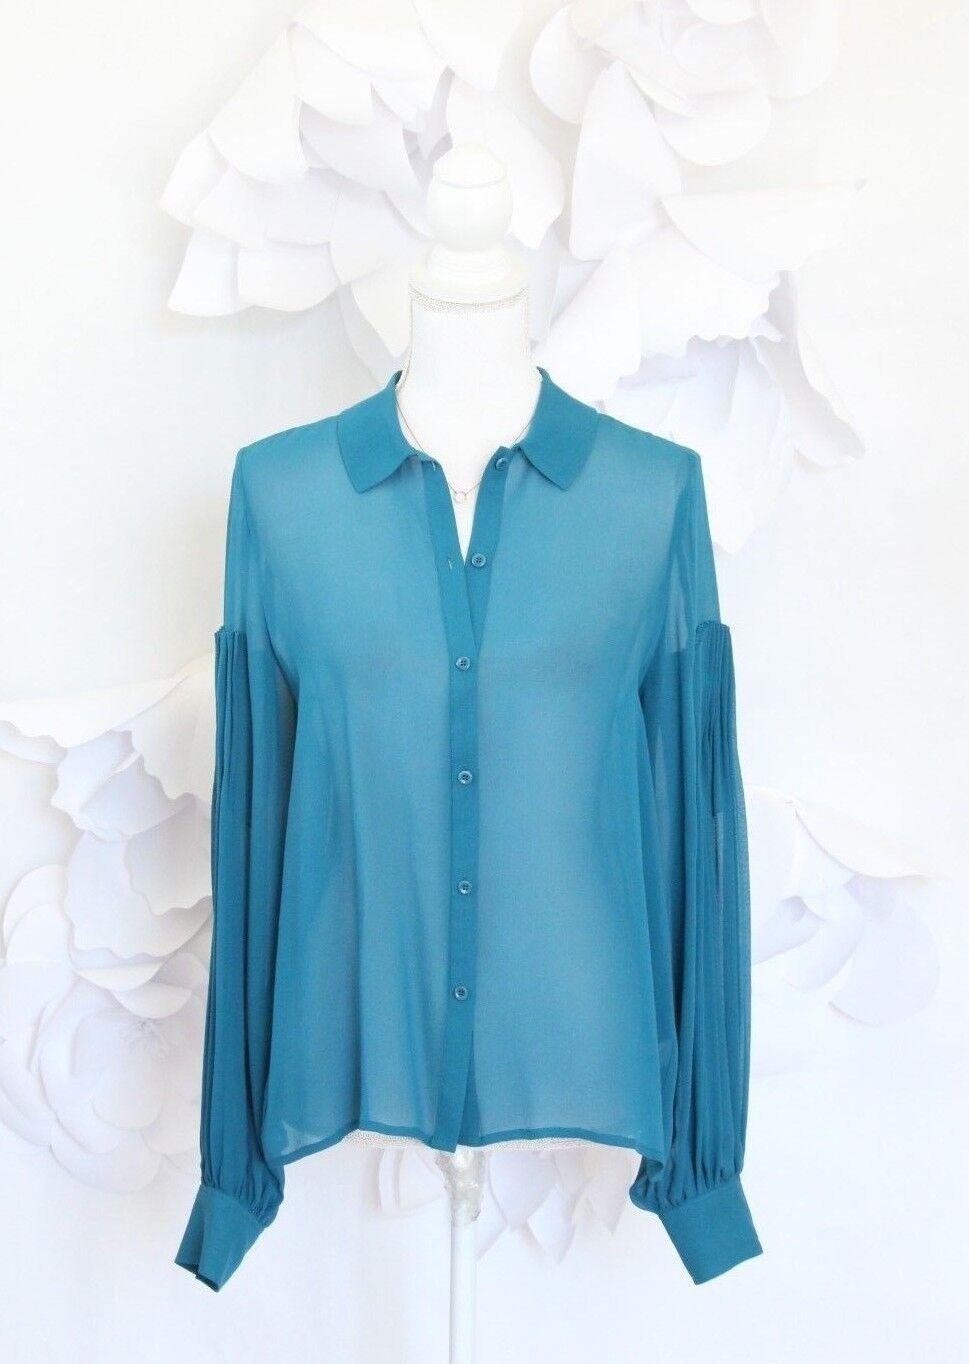 LEITH Pleated Poets Shirt Blouse Top Woherren M Silk Teal Blau LS Career Luxury